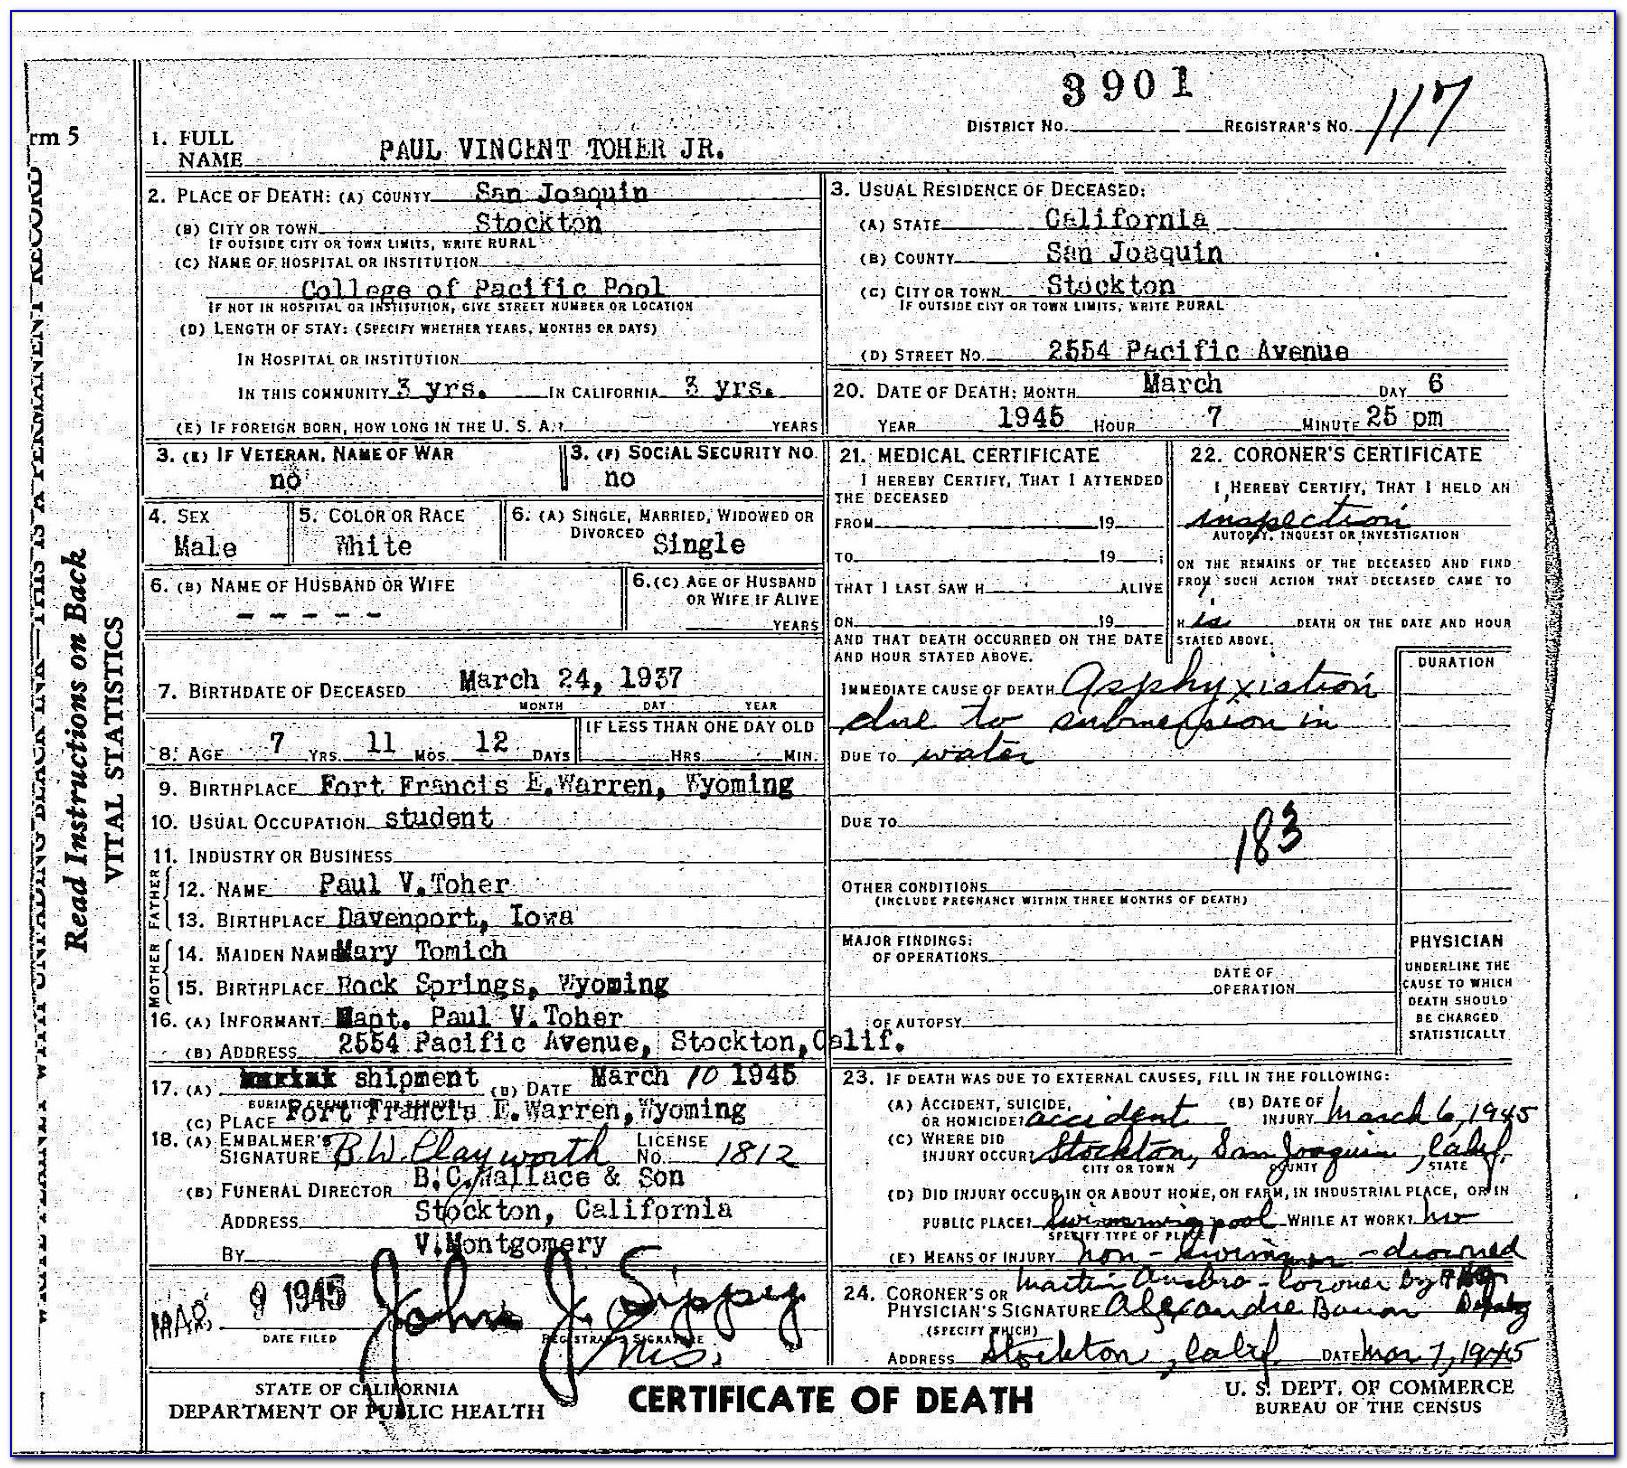 San Joaquin County Birth Certificate